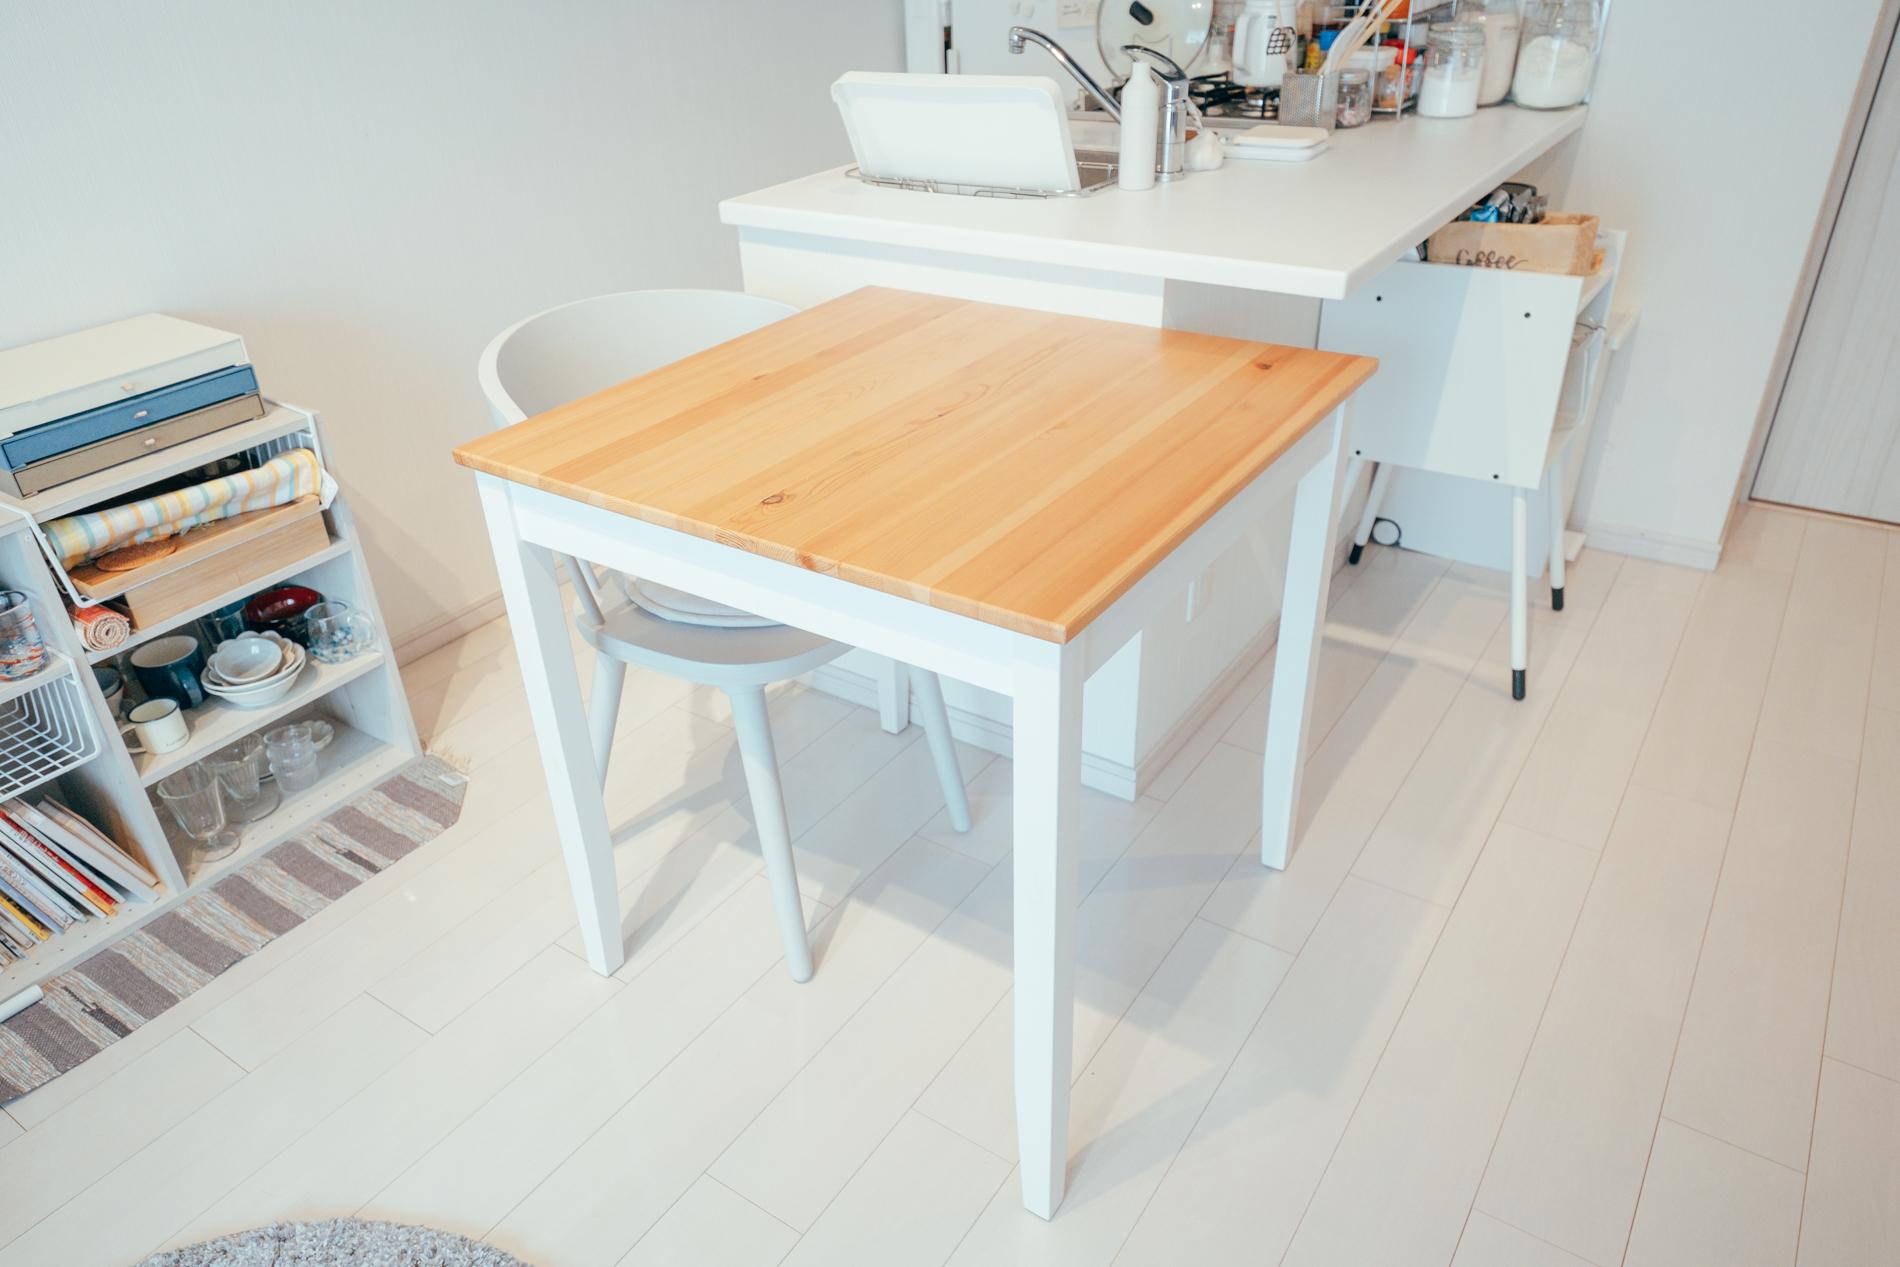 お気に入りだと話すダイニングテーブルも部屋全体の色を意識しながら選んだものの1つ。 「ikeaで購入したダイニングテーブルは、部屋を白くし過ぎず。また本来、部屋にあっている木目調のものを選びました。」